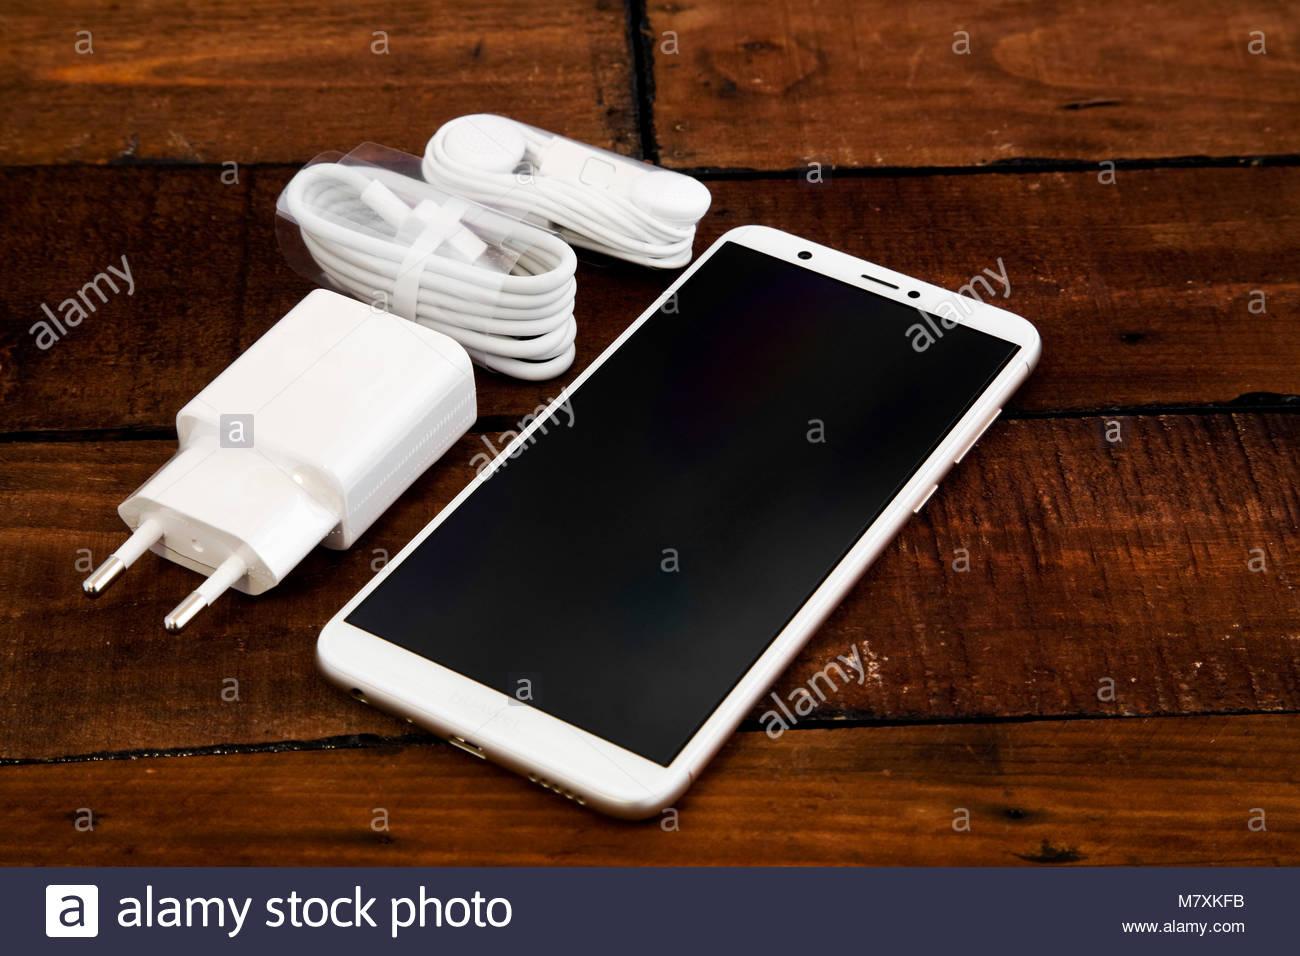 White Huawei P Smart Telefono Cellulare Con Accessori In Legno